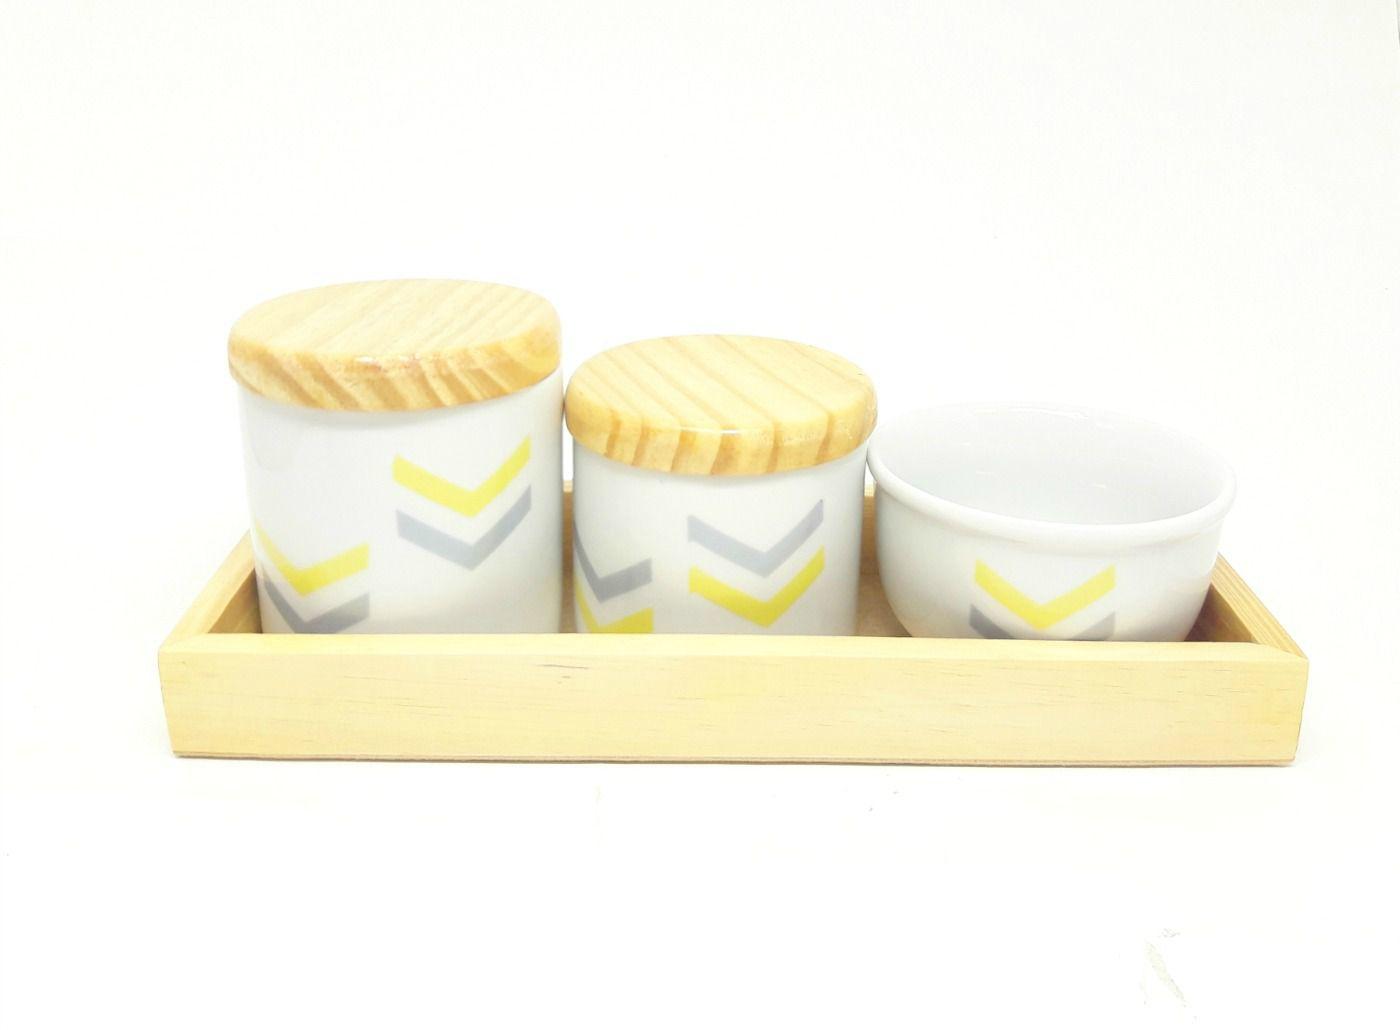 Kit Higiene Bebê Porcelana | Chevron | Amarelo e Cinza | Tampas Madeira Pinus com Bandeja Madeira